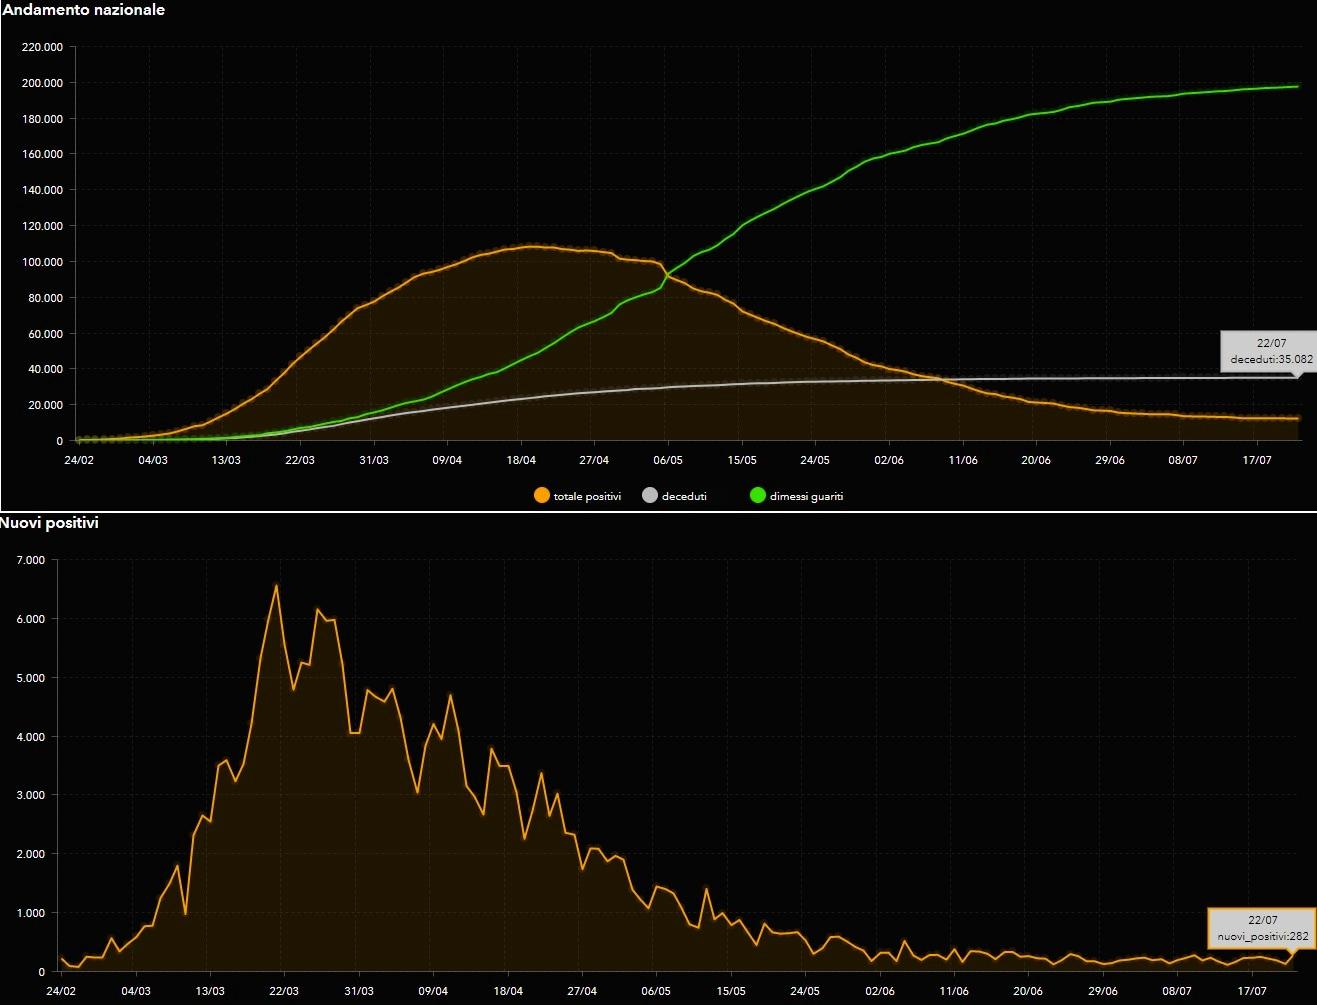 curva coronavirus 22 luglio 2020-2